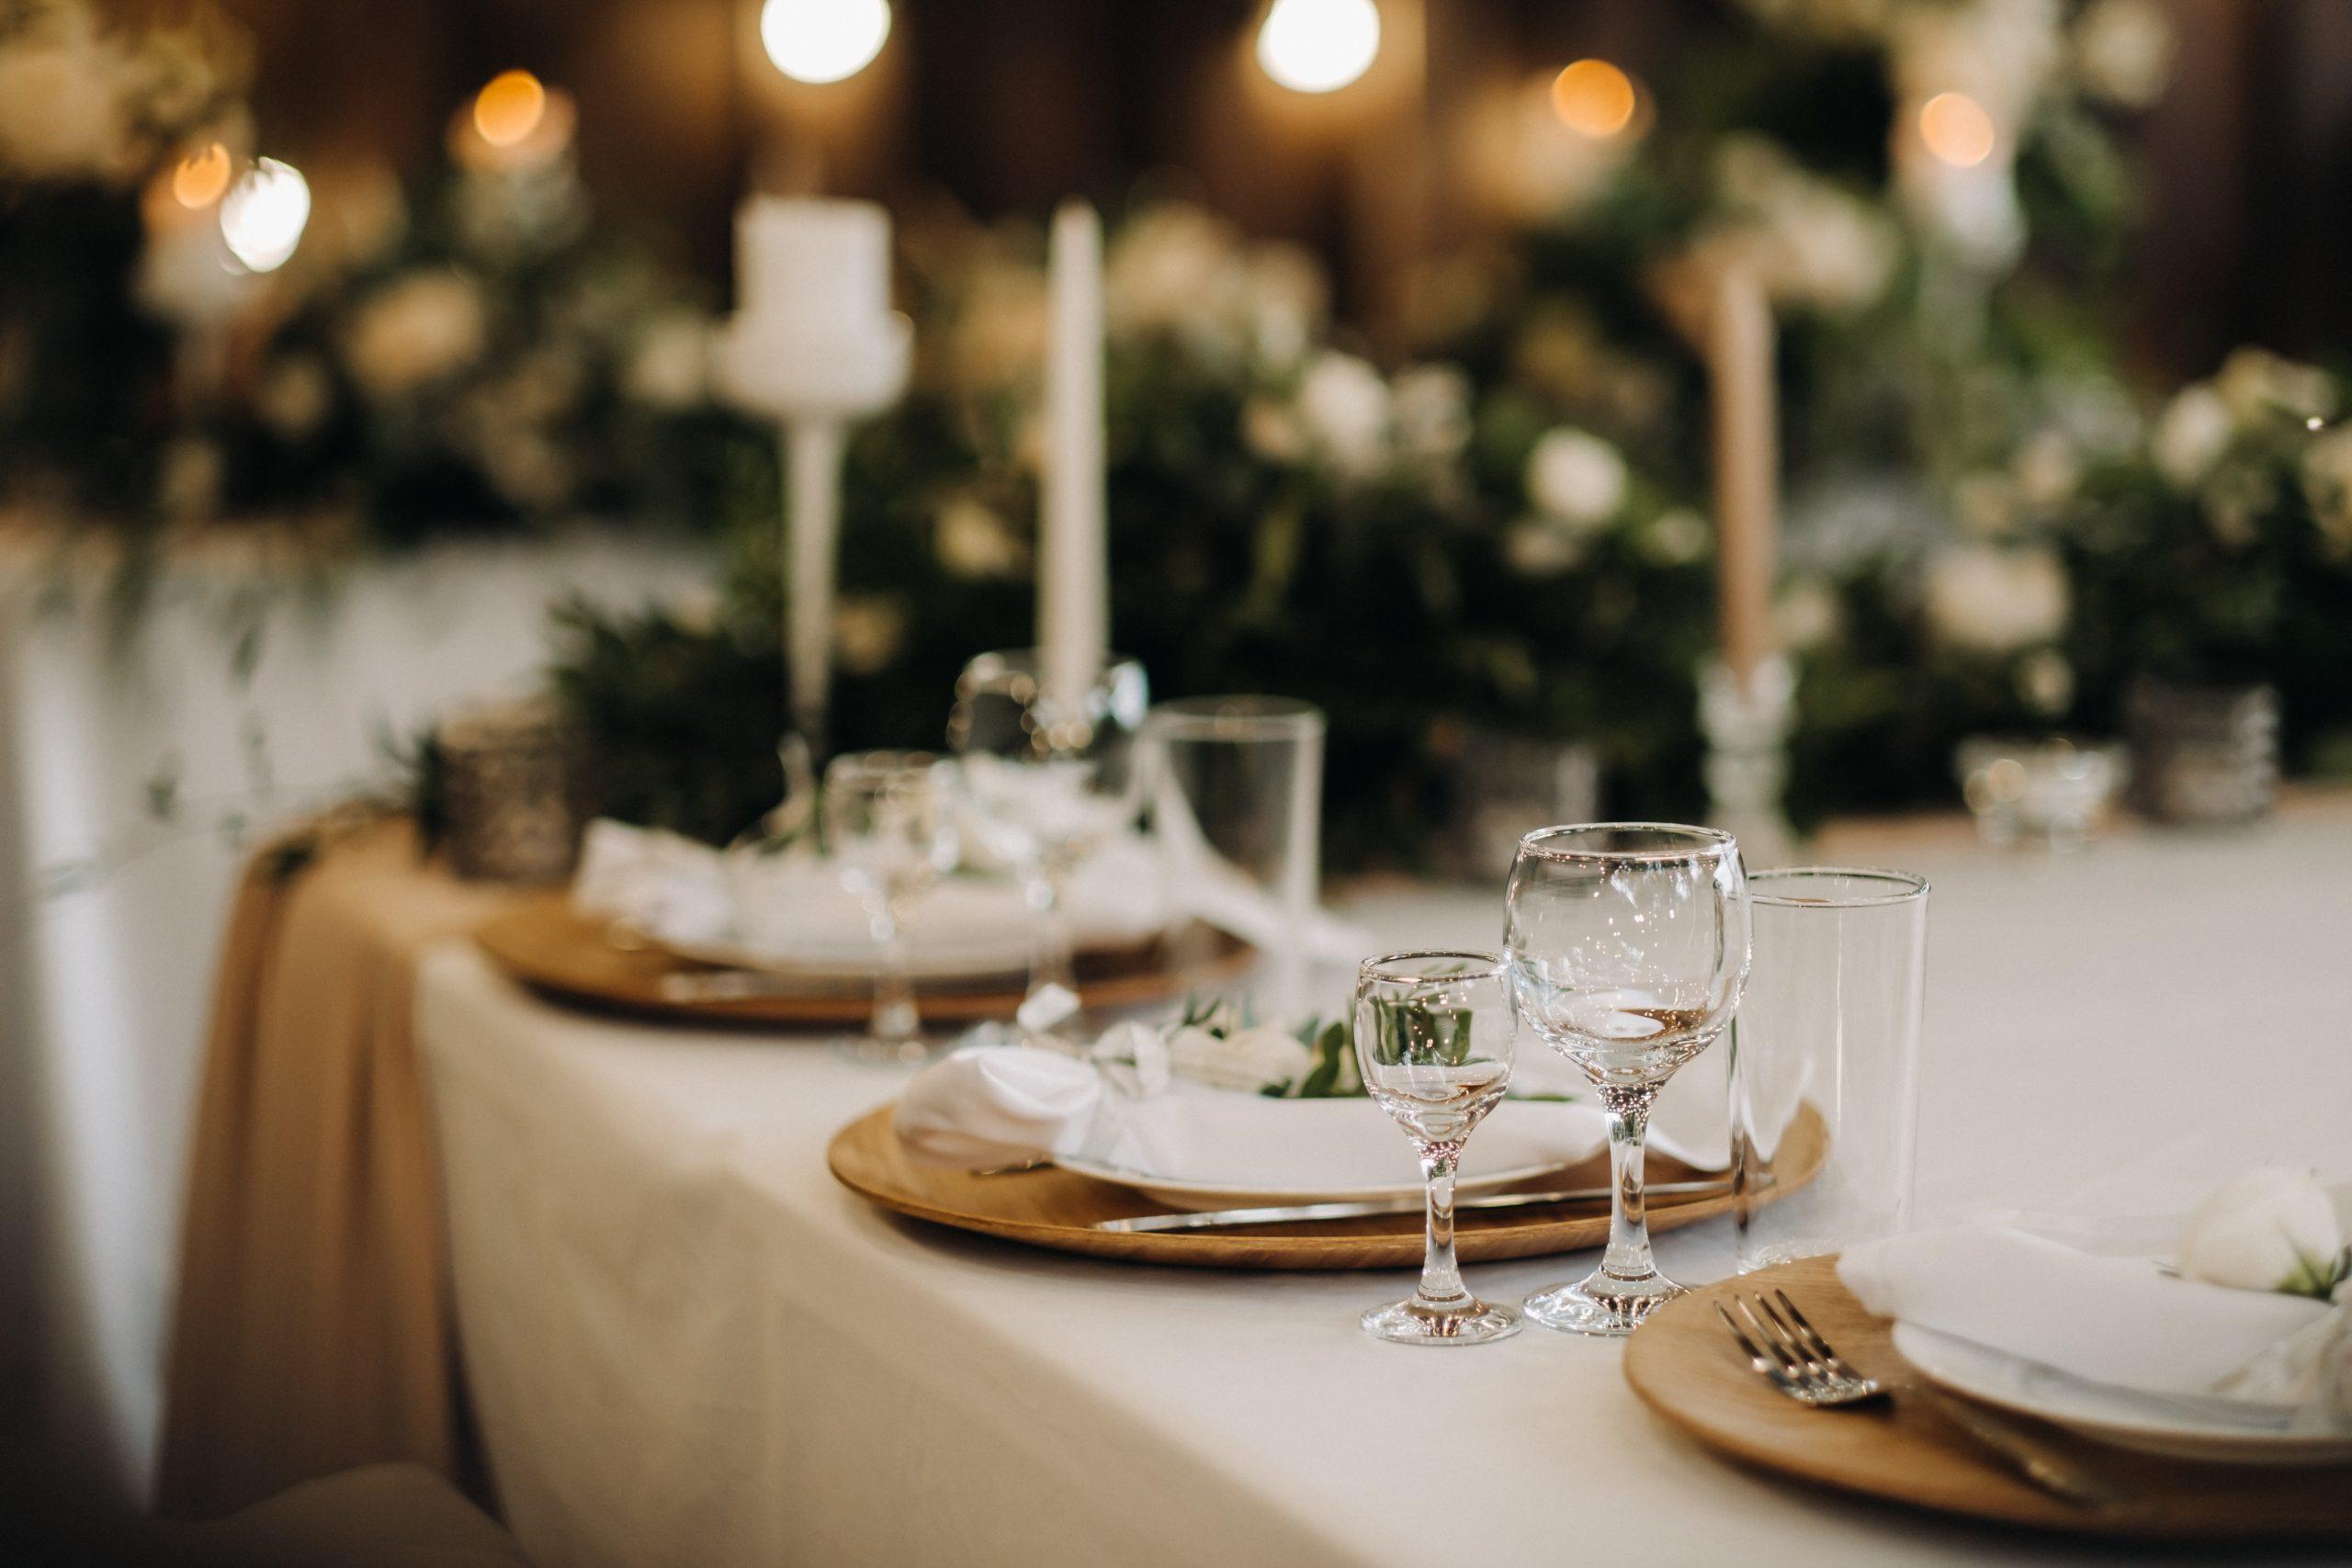 CCC Кетъринг | Кетъринг Варна, Хапки за Кетъринг,Кетъринг Хапки - Кетъринг за сватба | Оферта - Кетъринг Варна, Хапки за Кетъринг,Кетъринг Хапки